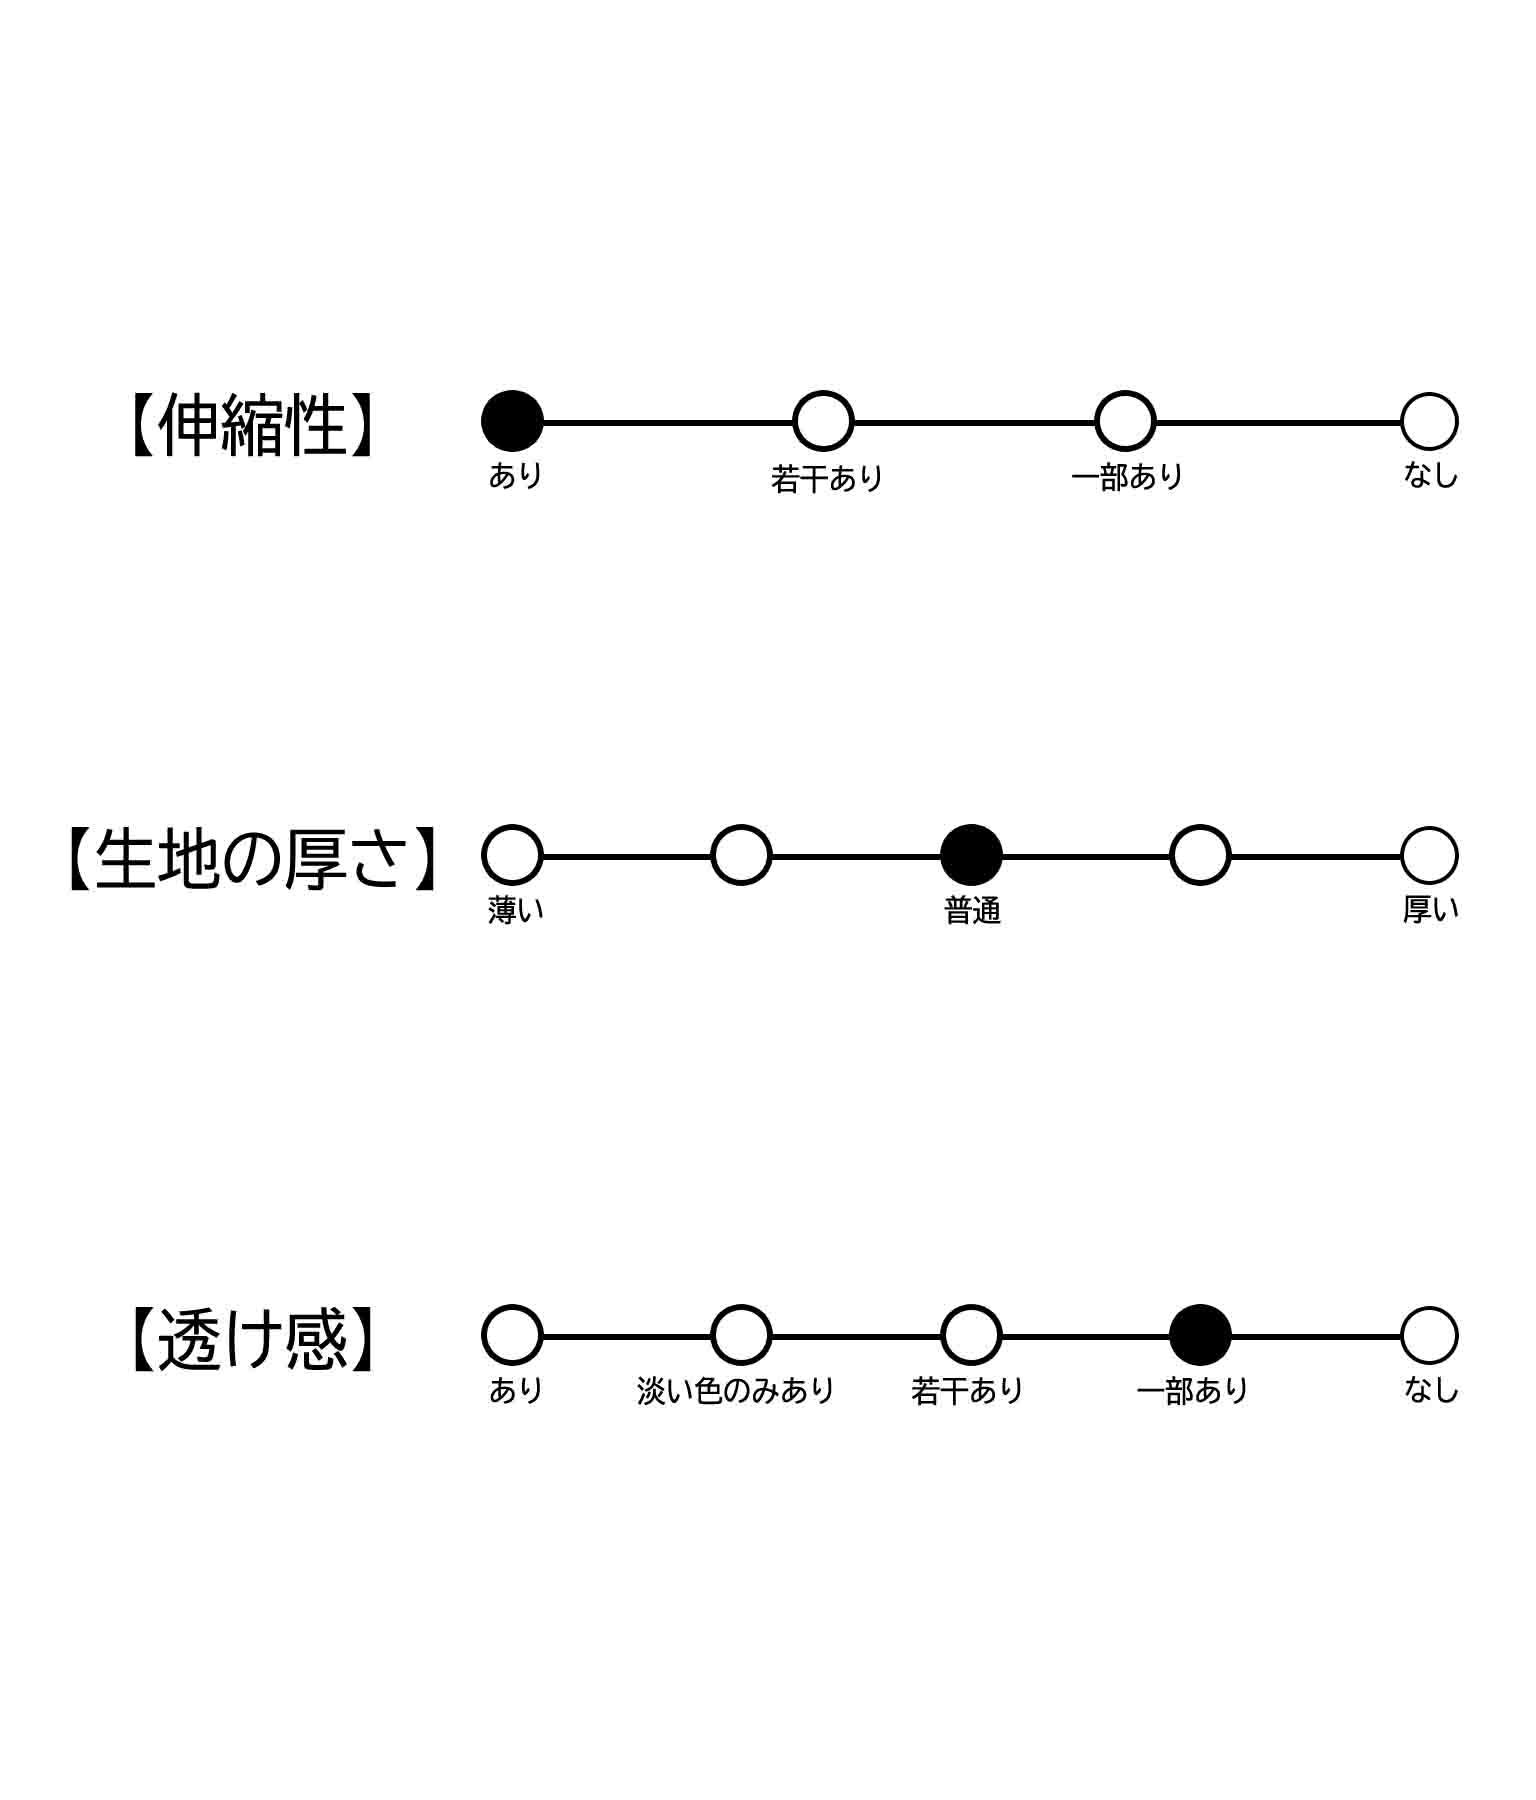 マットPVC切替トップス | ANAP GiRL